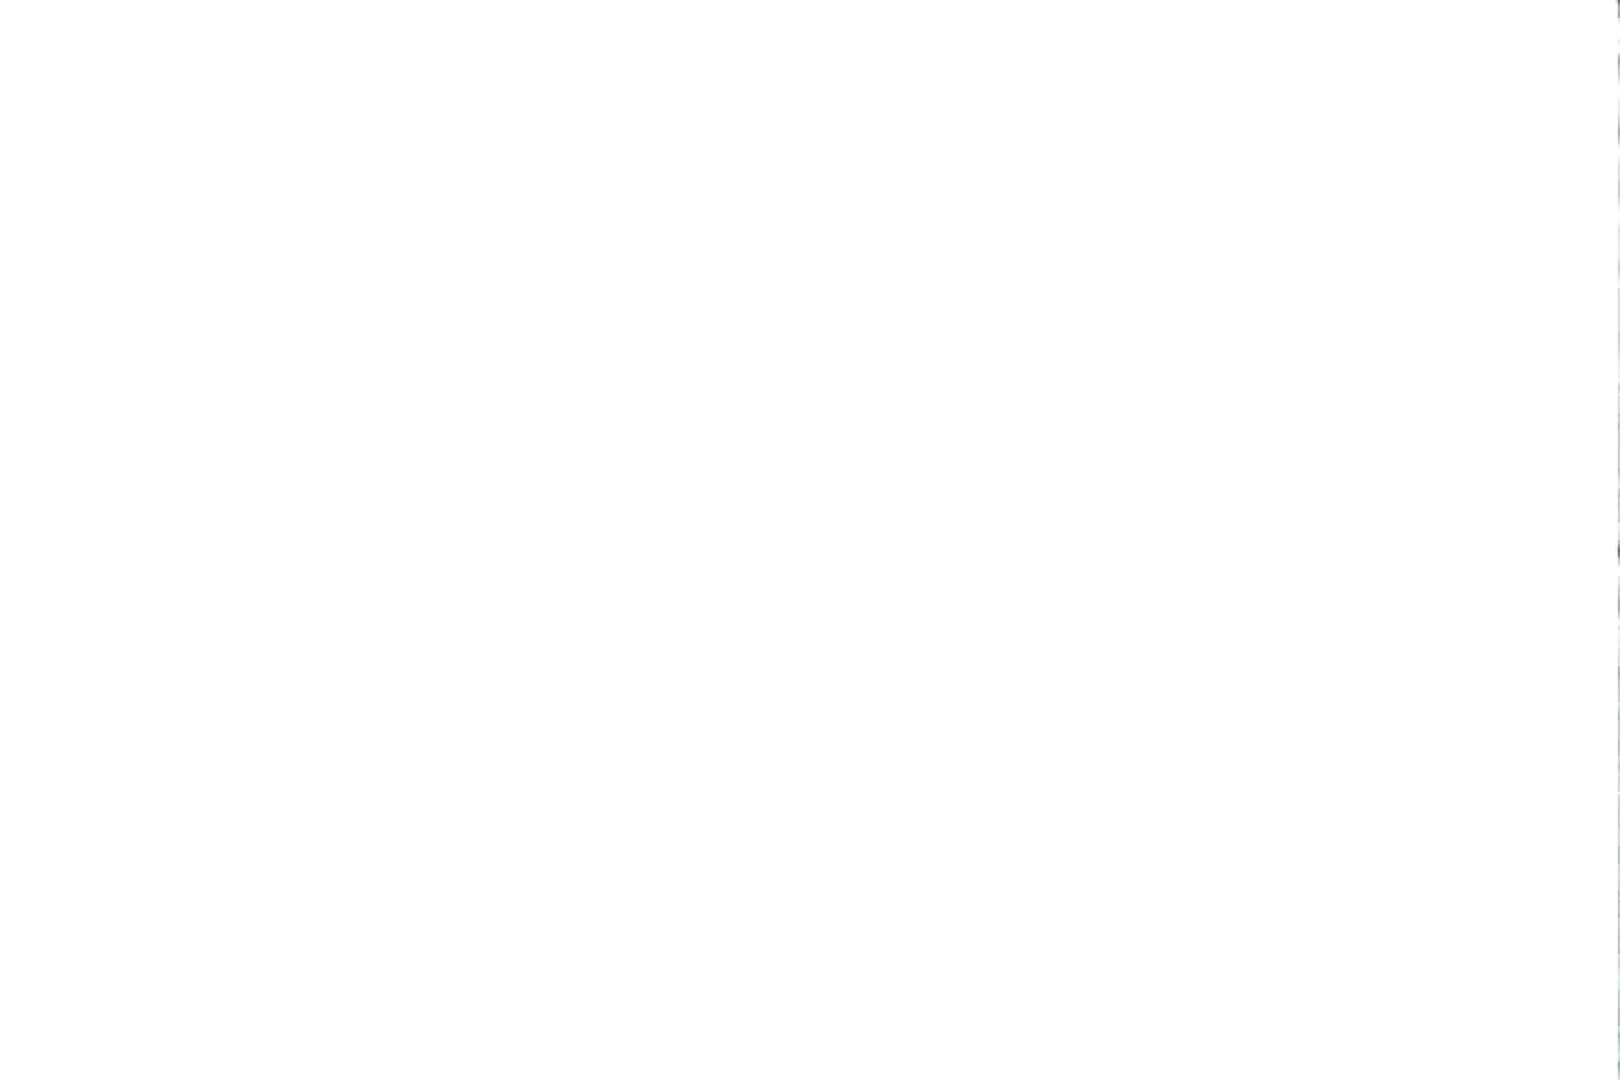 充血監督の深夜の運動会Vol.16 OLの実態 | 高画質  87pic 76